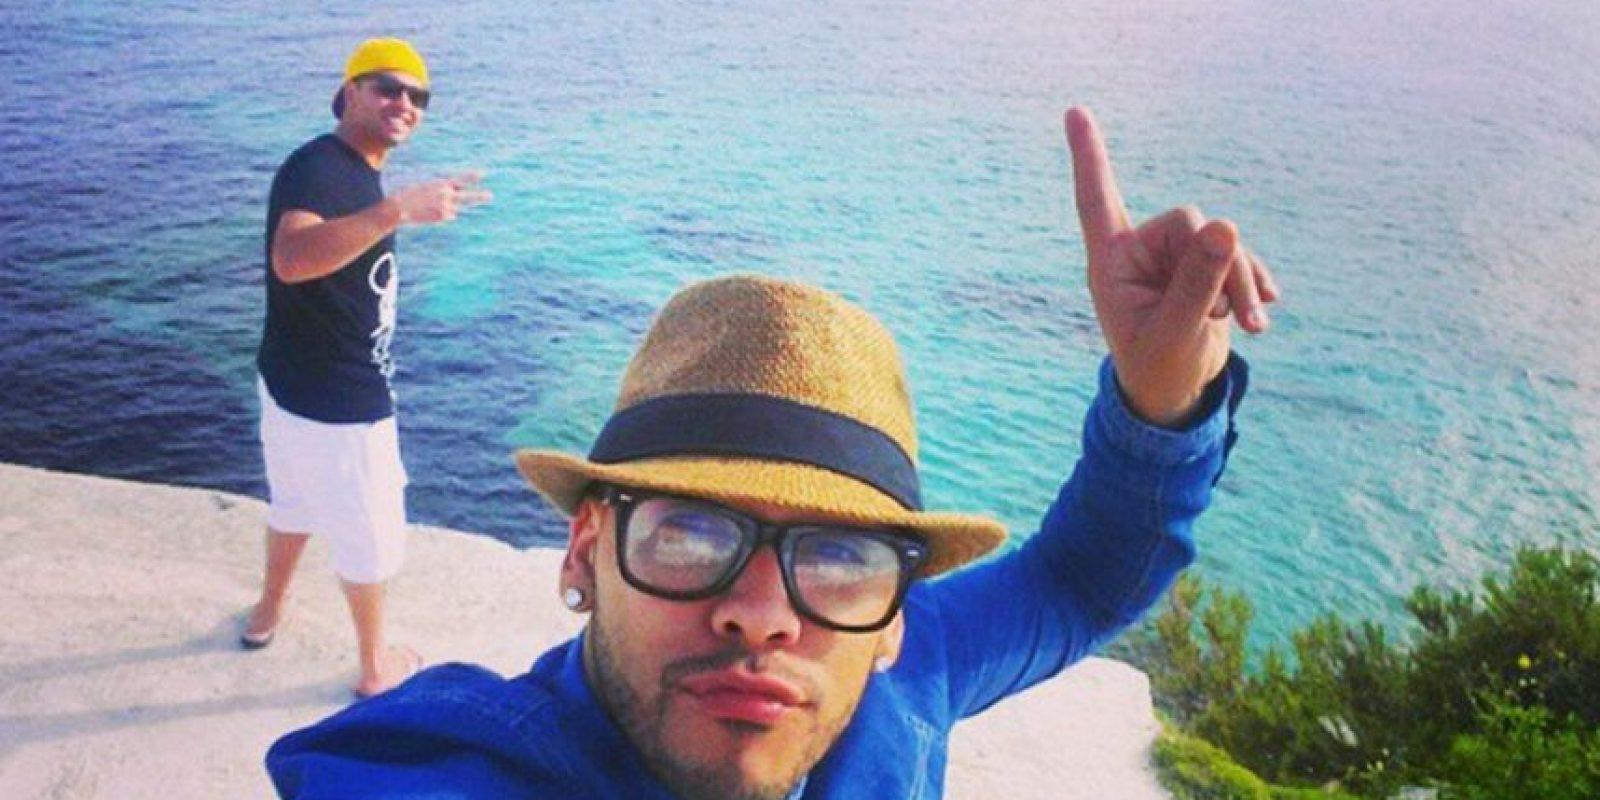 Tiene un look muy similar al del futbolista del Barcelona Foto:Instagram: @tarabaisantos